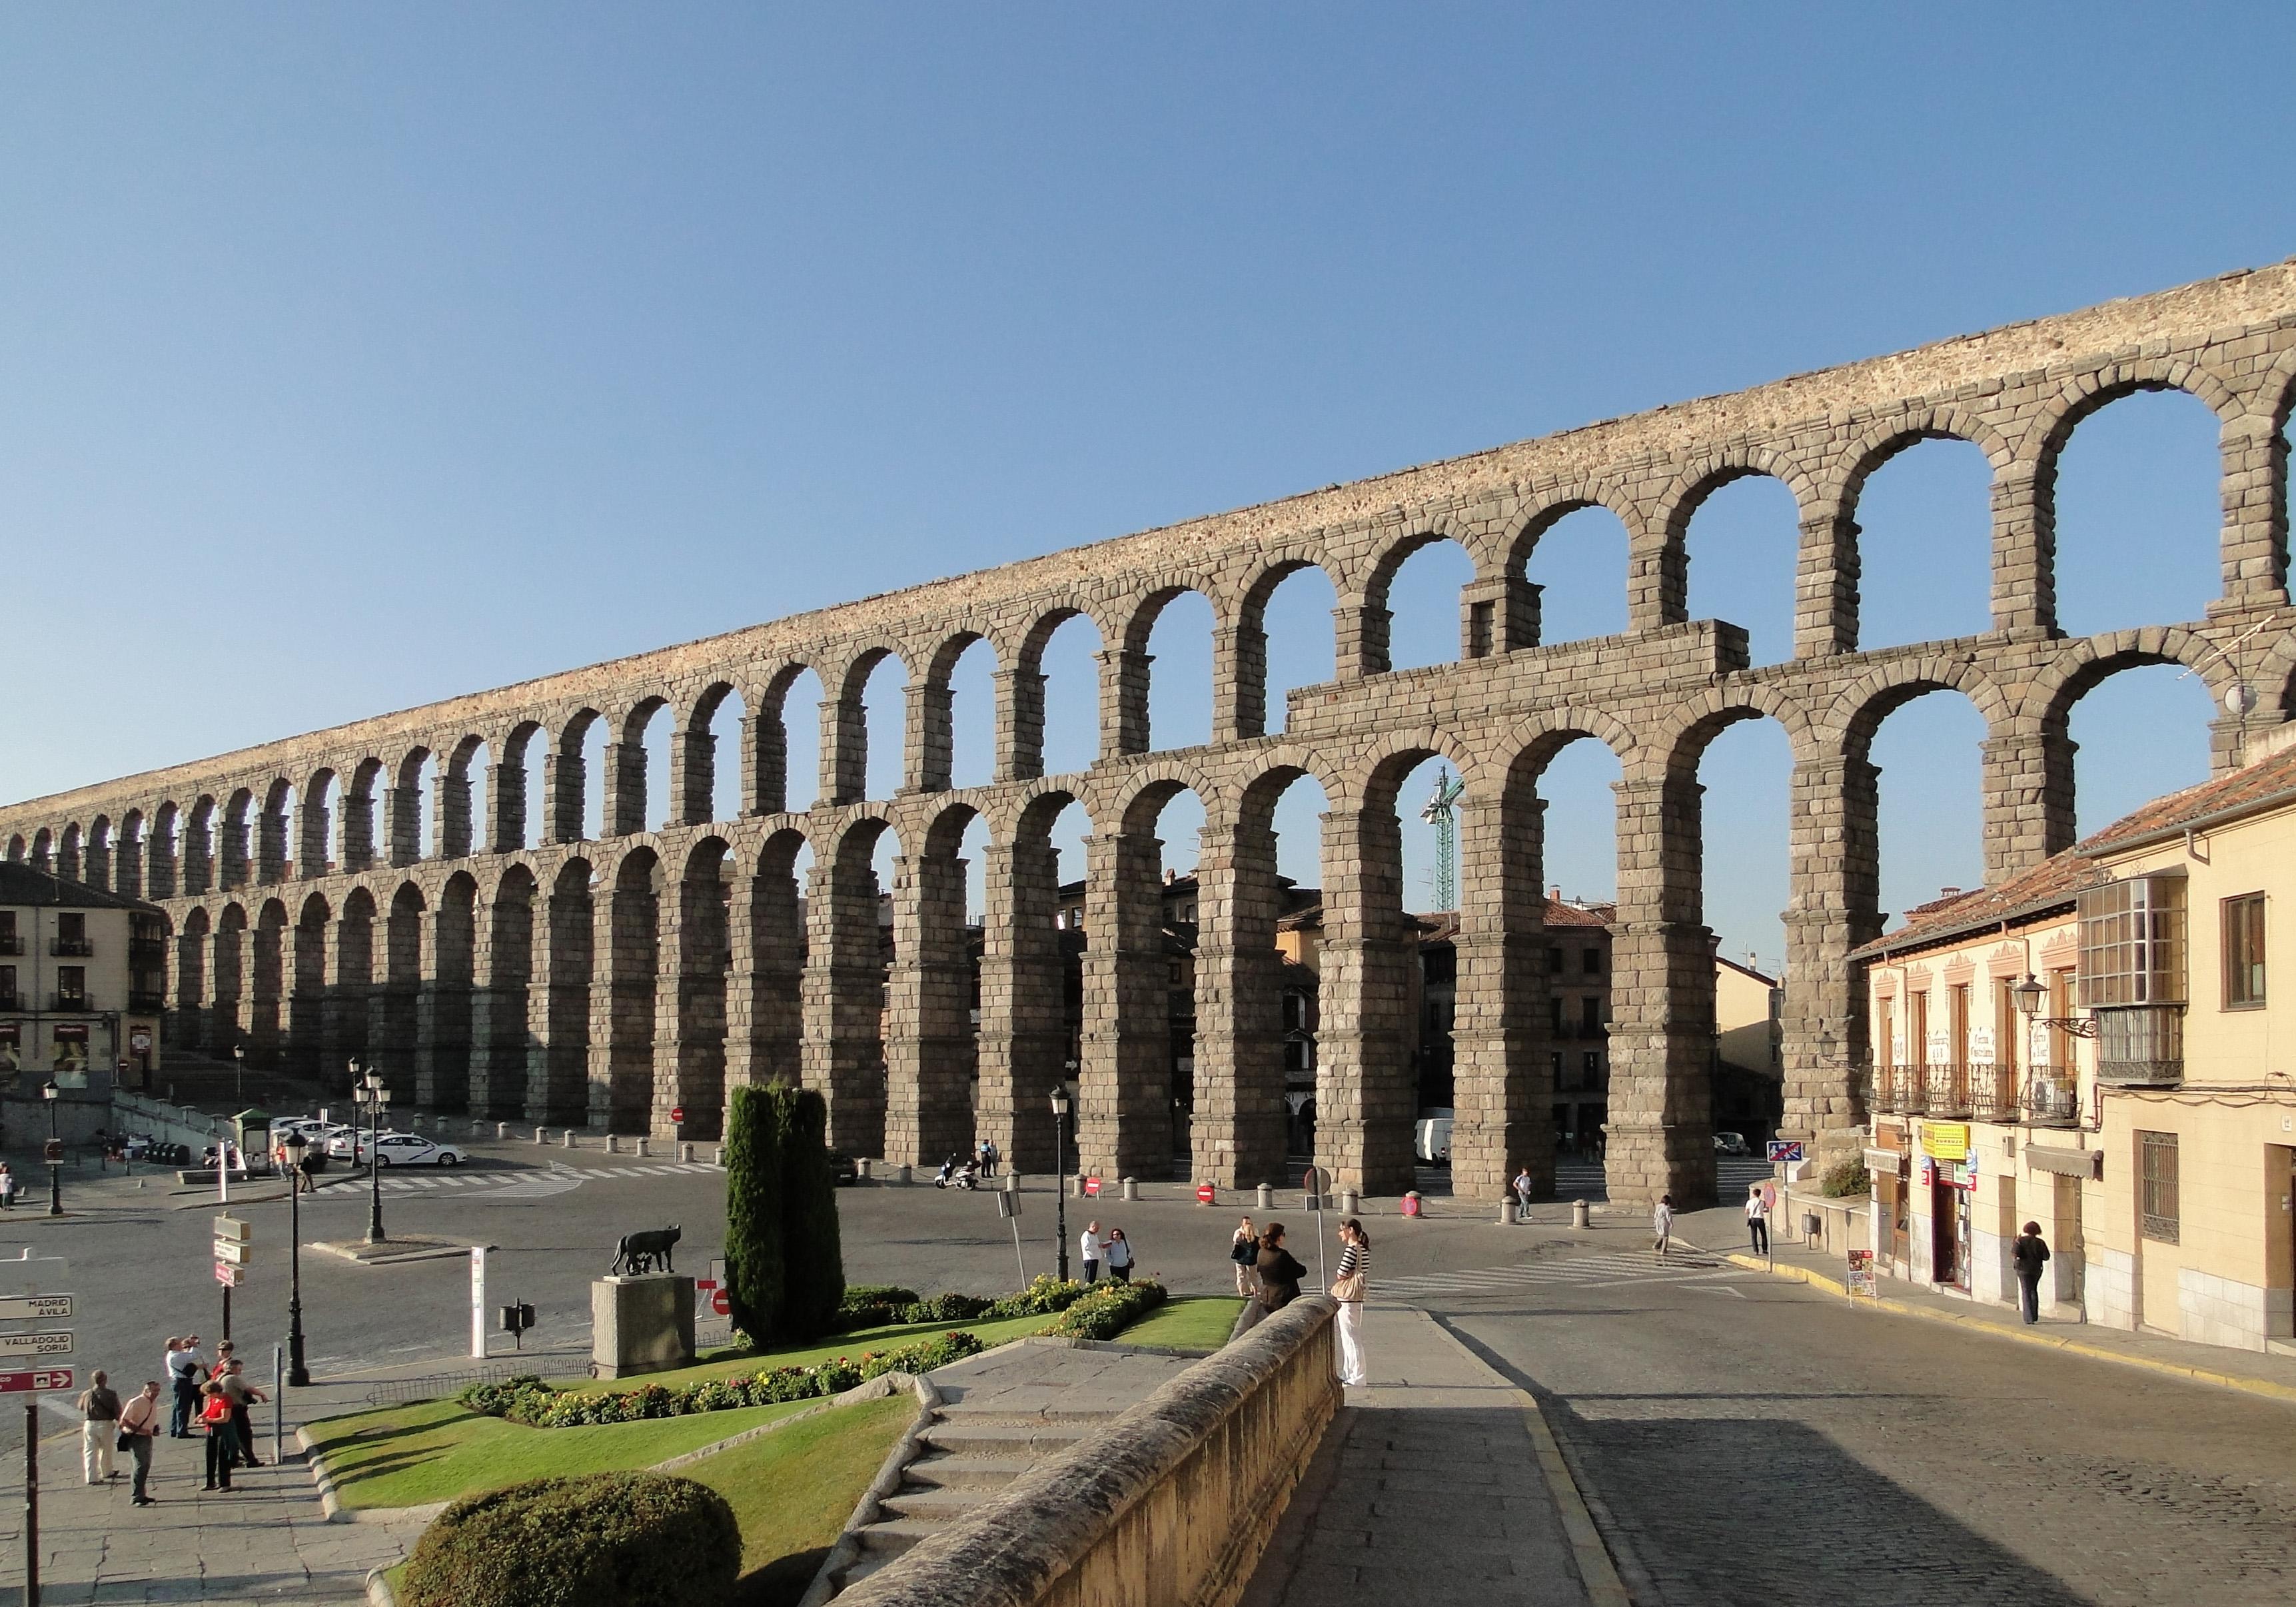 Aqueduct of Segovia : pics